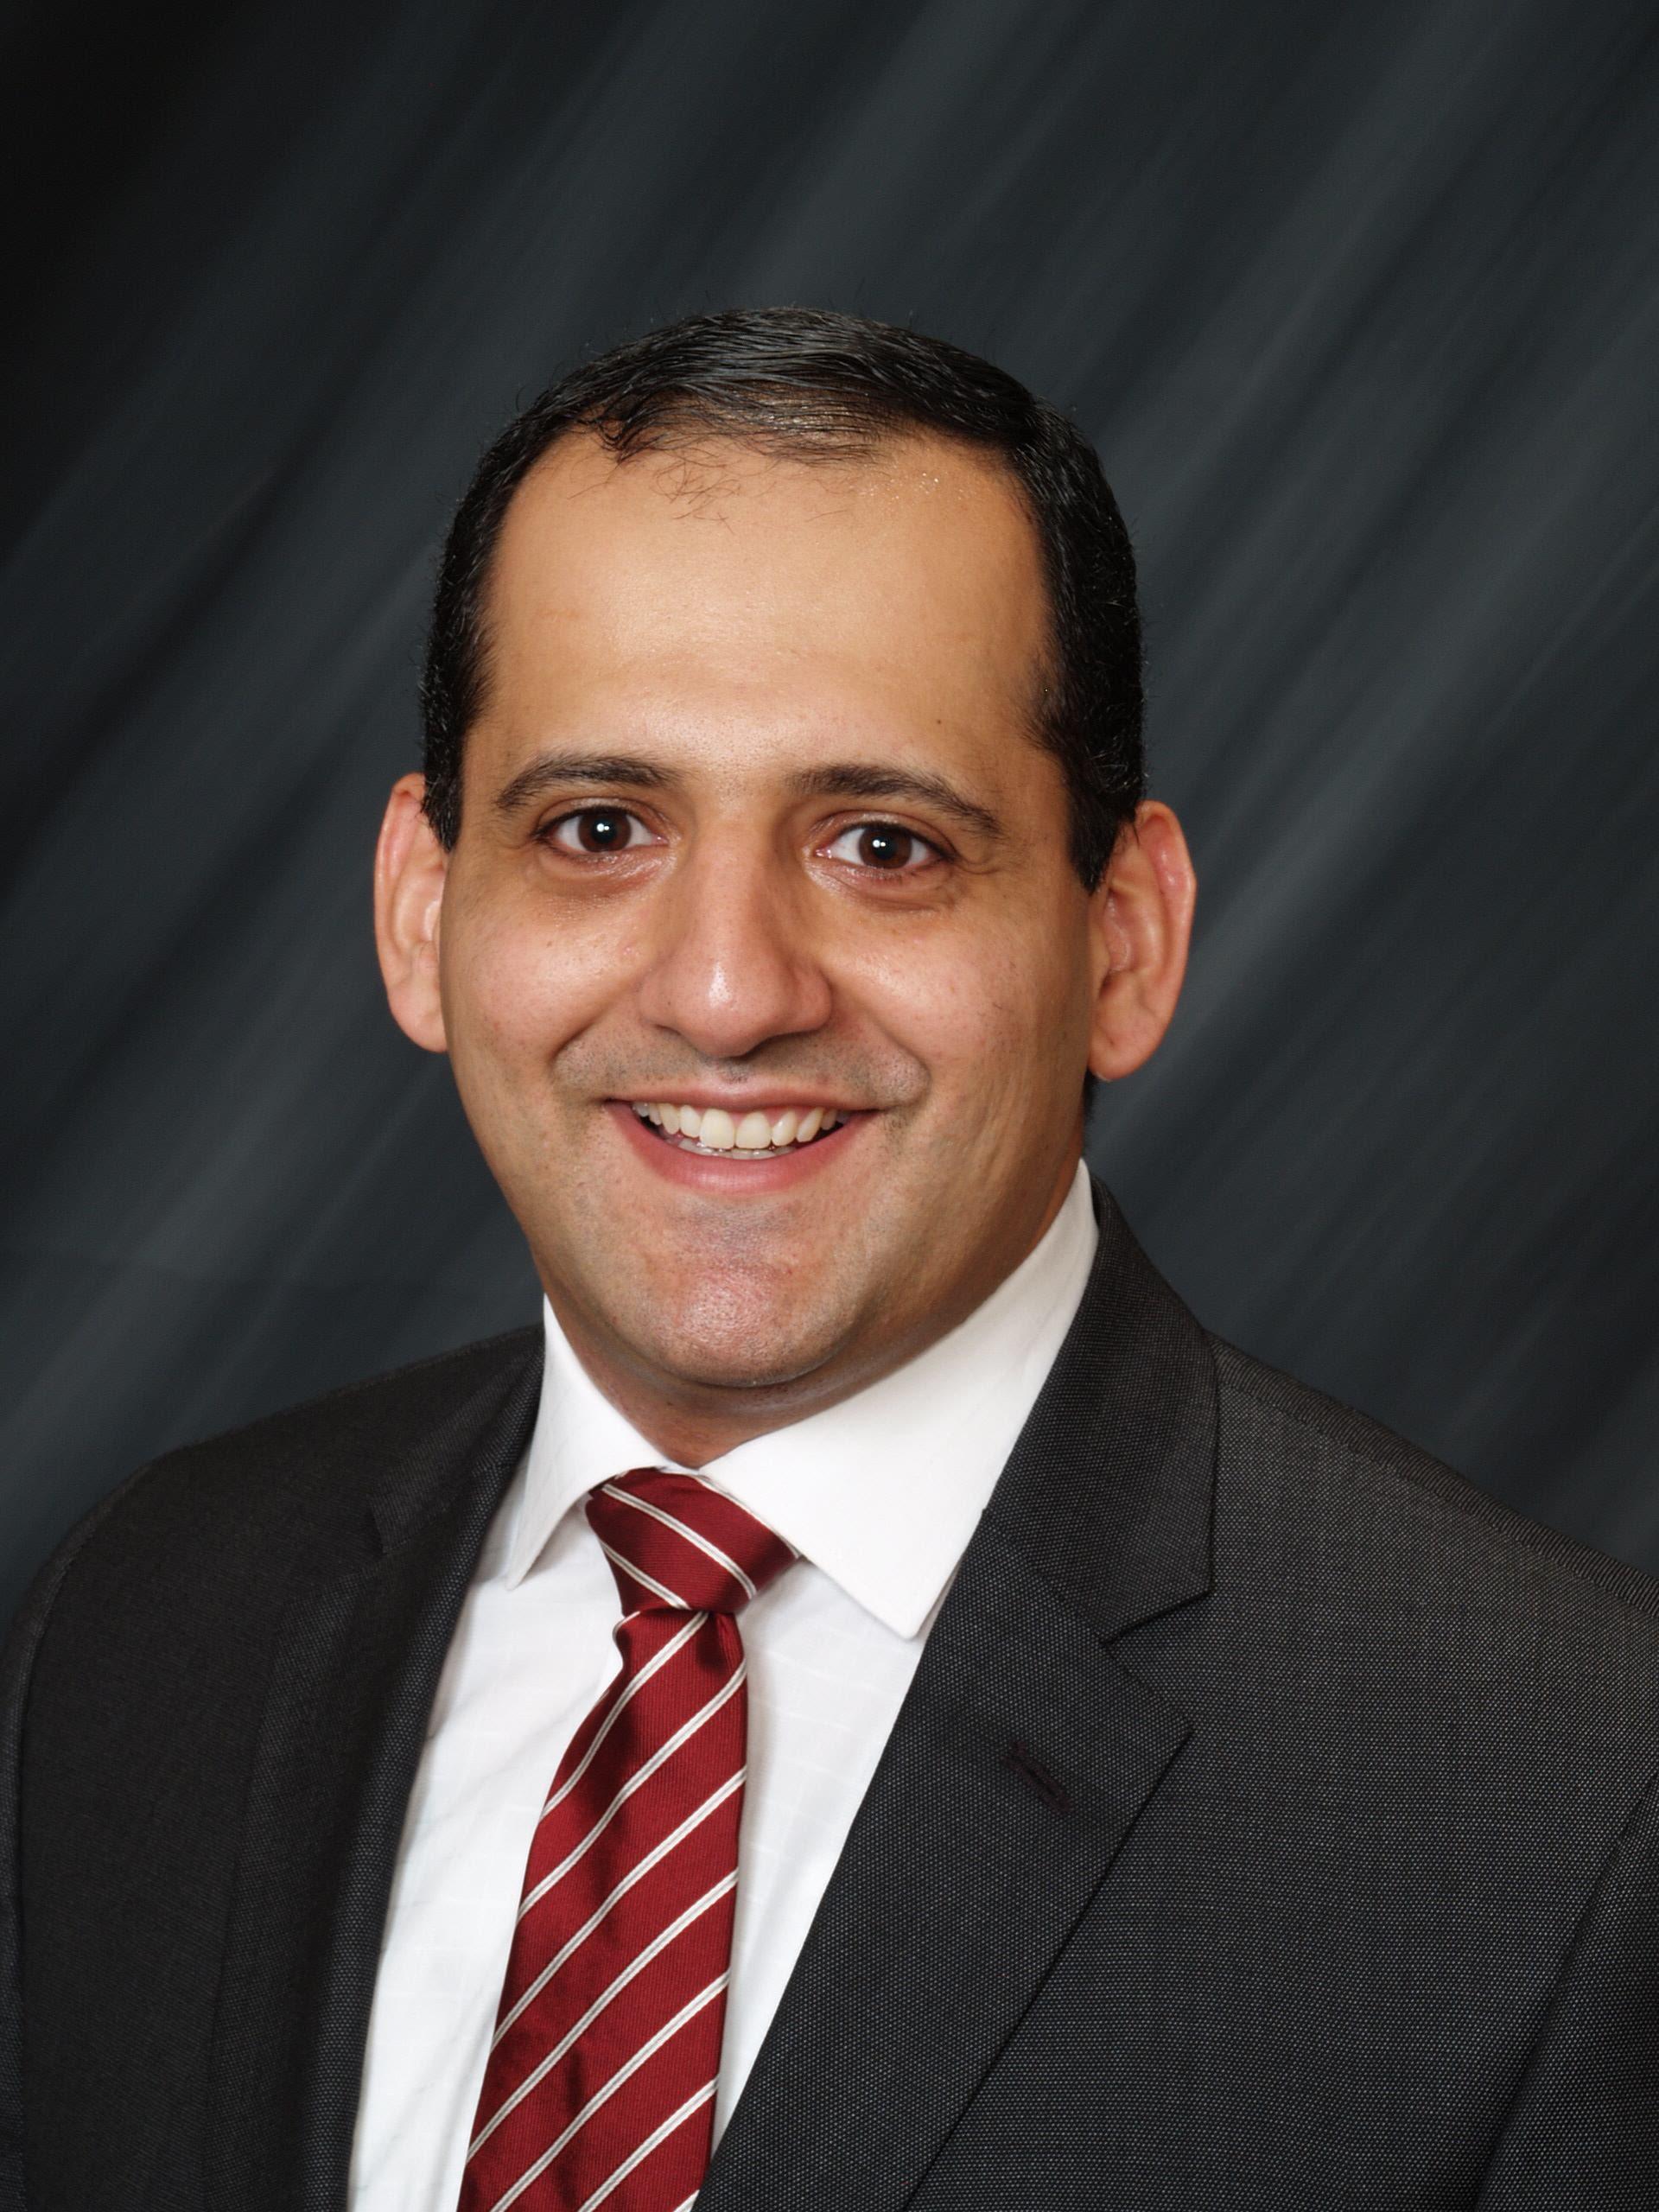 Amro M. Farid